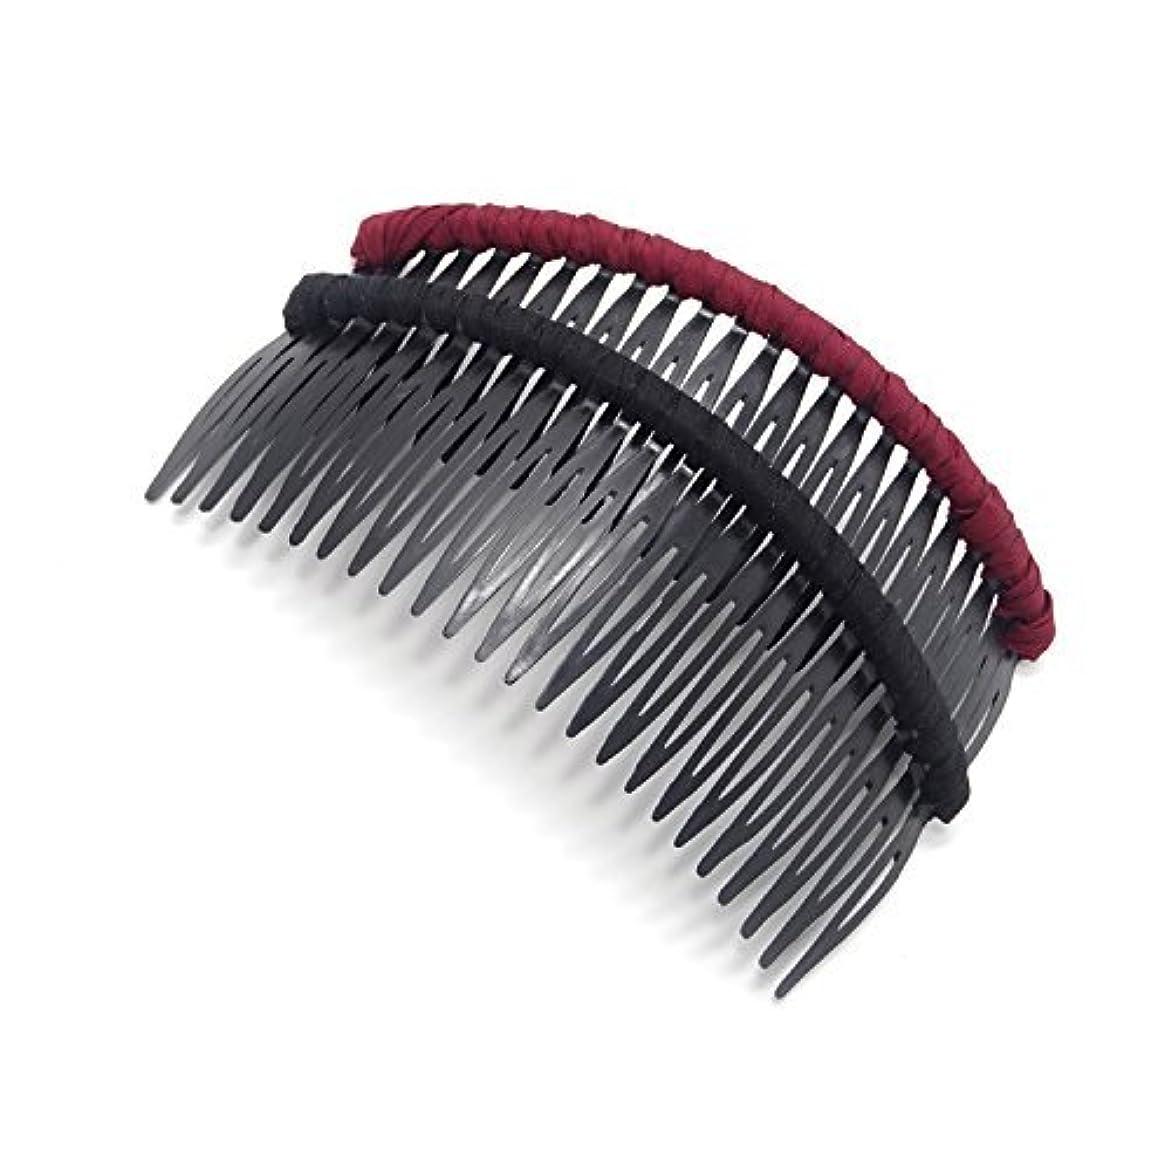 じゃがいも事業内容鎮静剤Honbay 2 PCS Different Color 24 Teeth Plastic Hair Comb Tuck Comb Hair Clip Hair Accessory for Women and Girls...